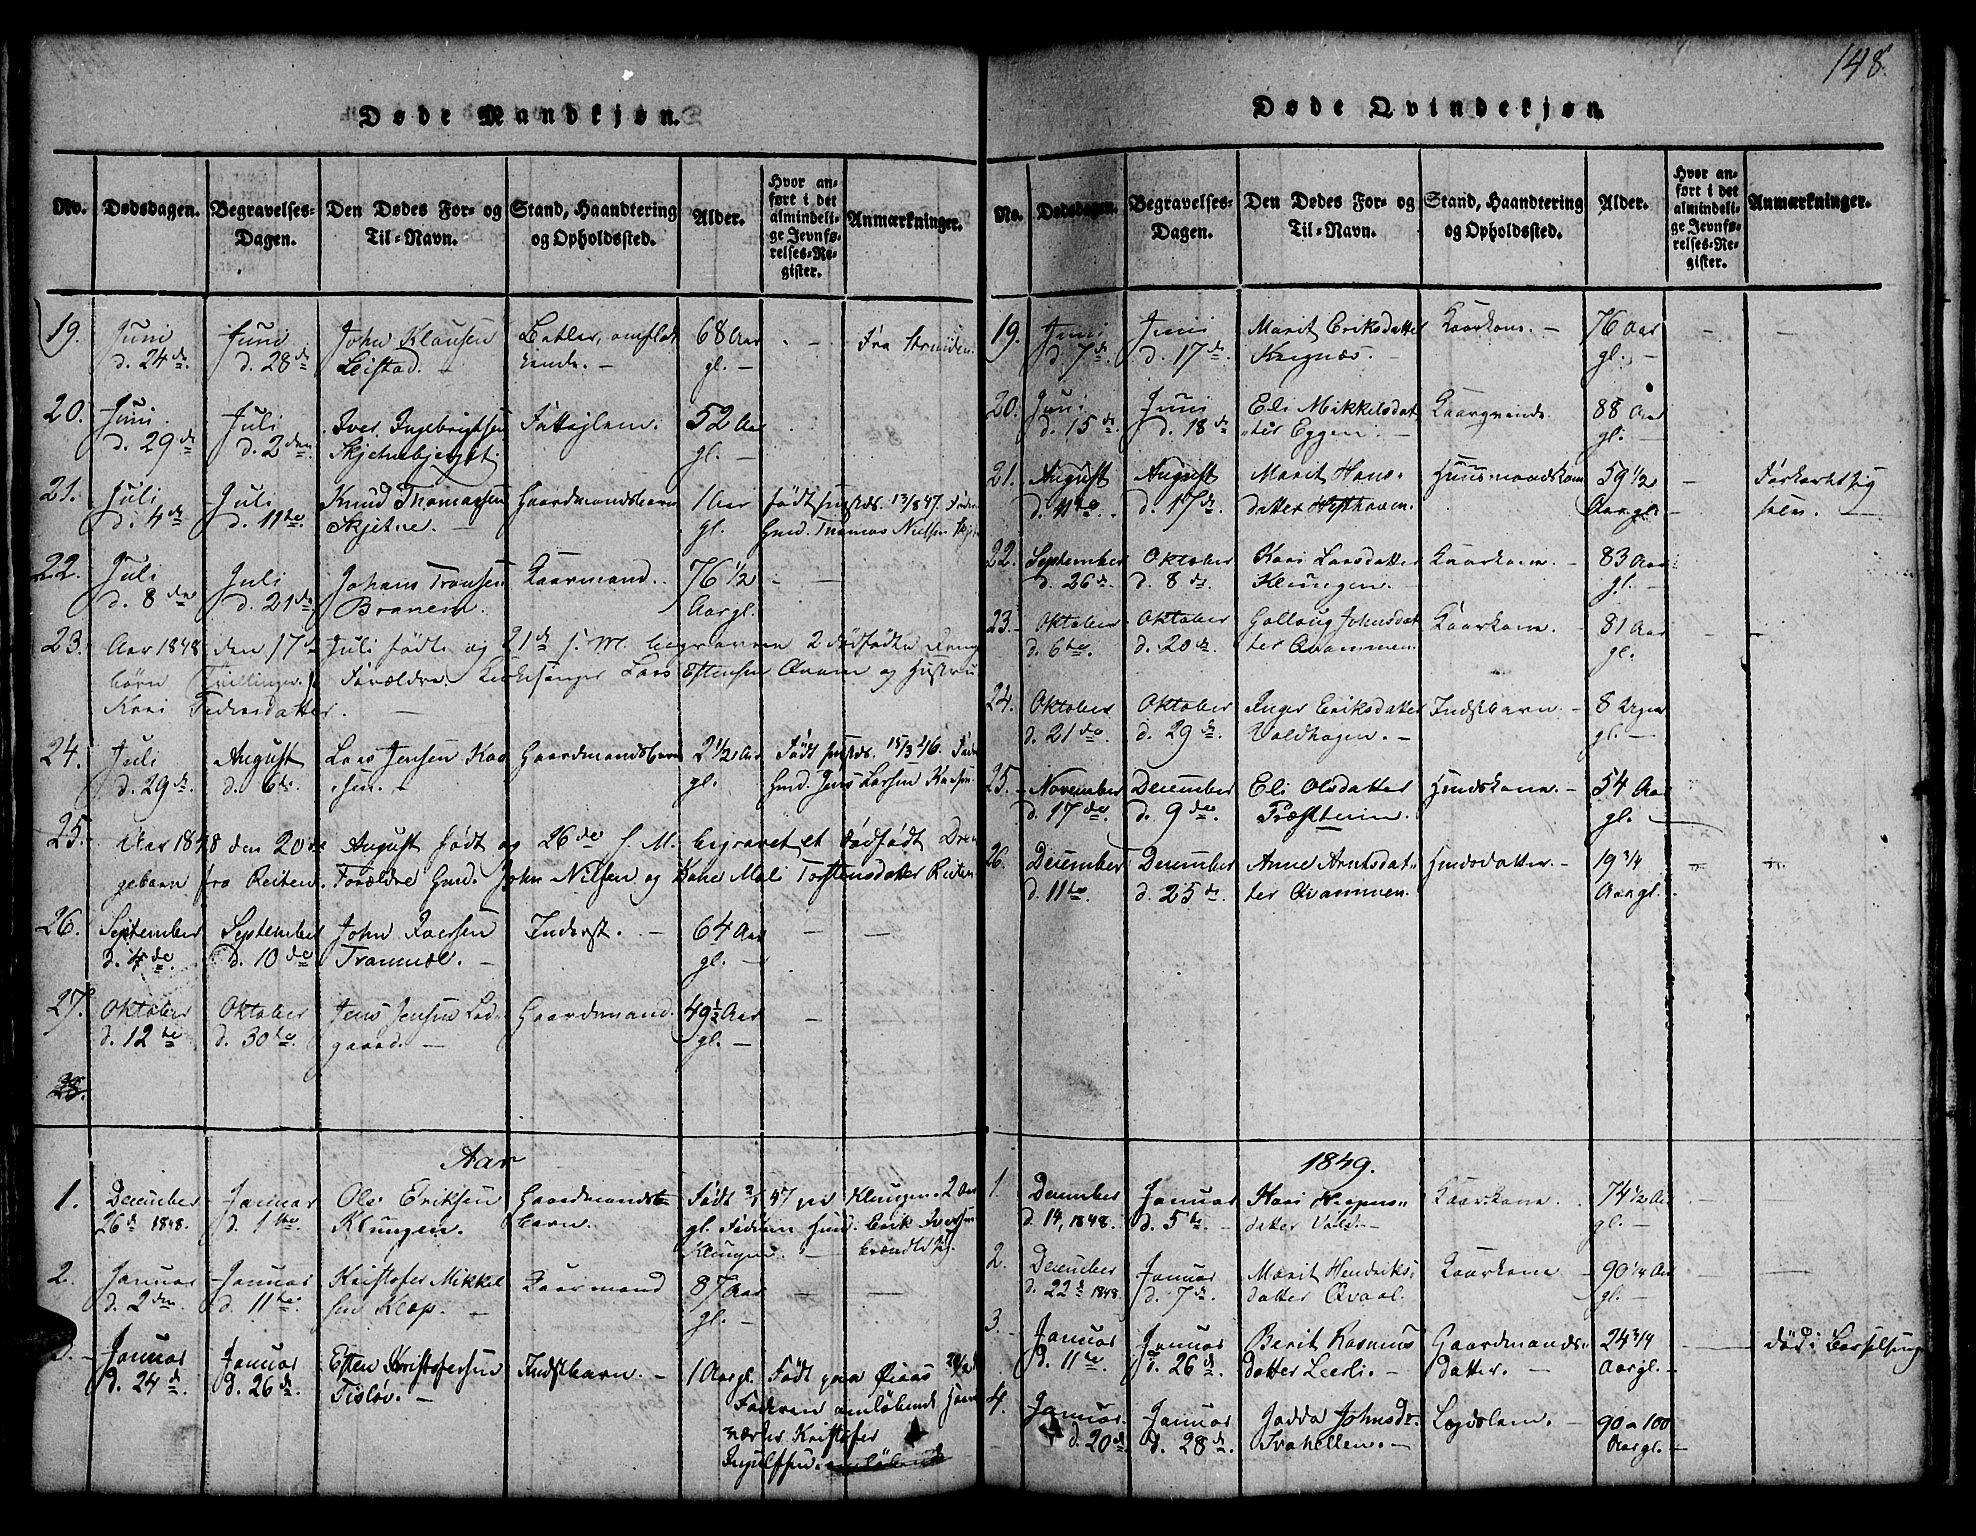 SAT, Ministerialprotokoller, klokkerbøker og fødselsregistre - Sør-Trøndelag, 691/L1092: Klokkerbok nr. 691C03, 1816-1852, s. 148